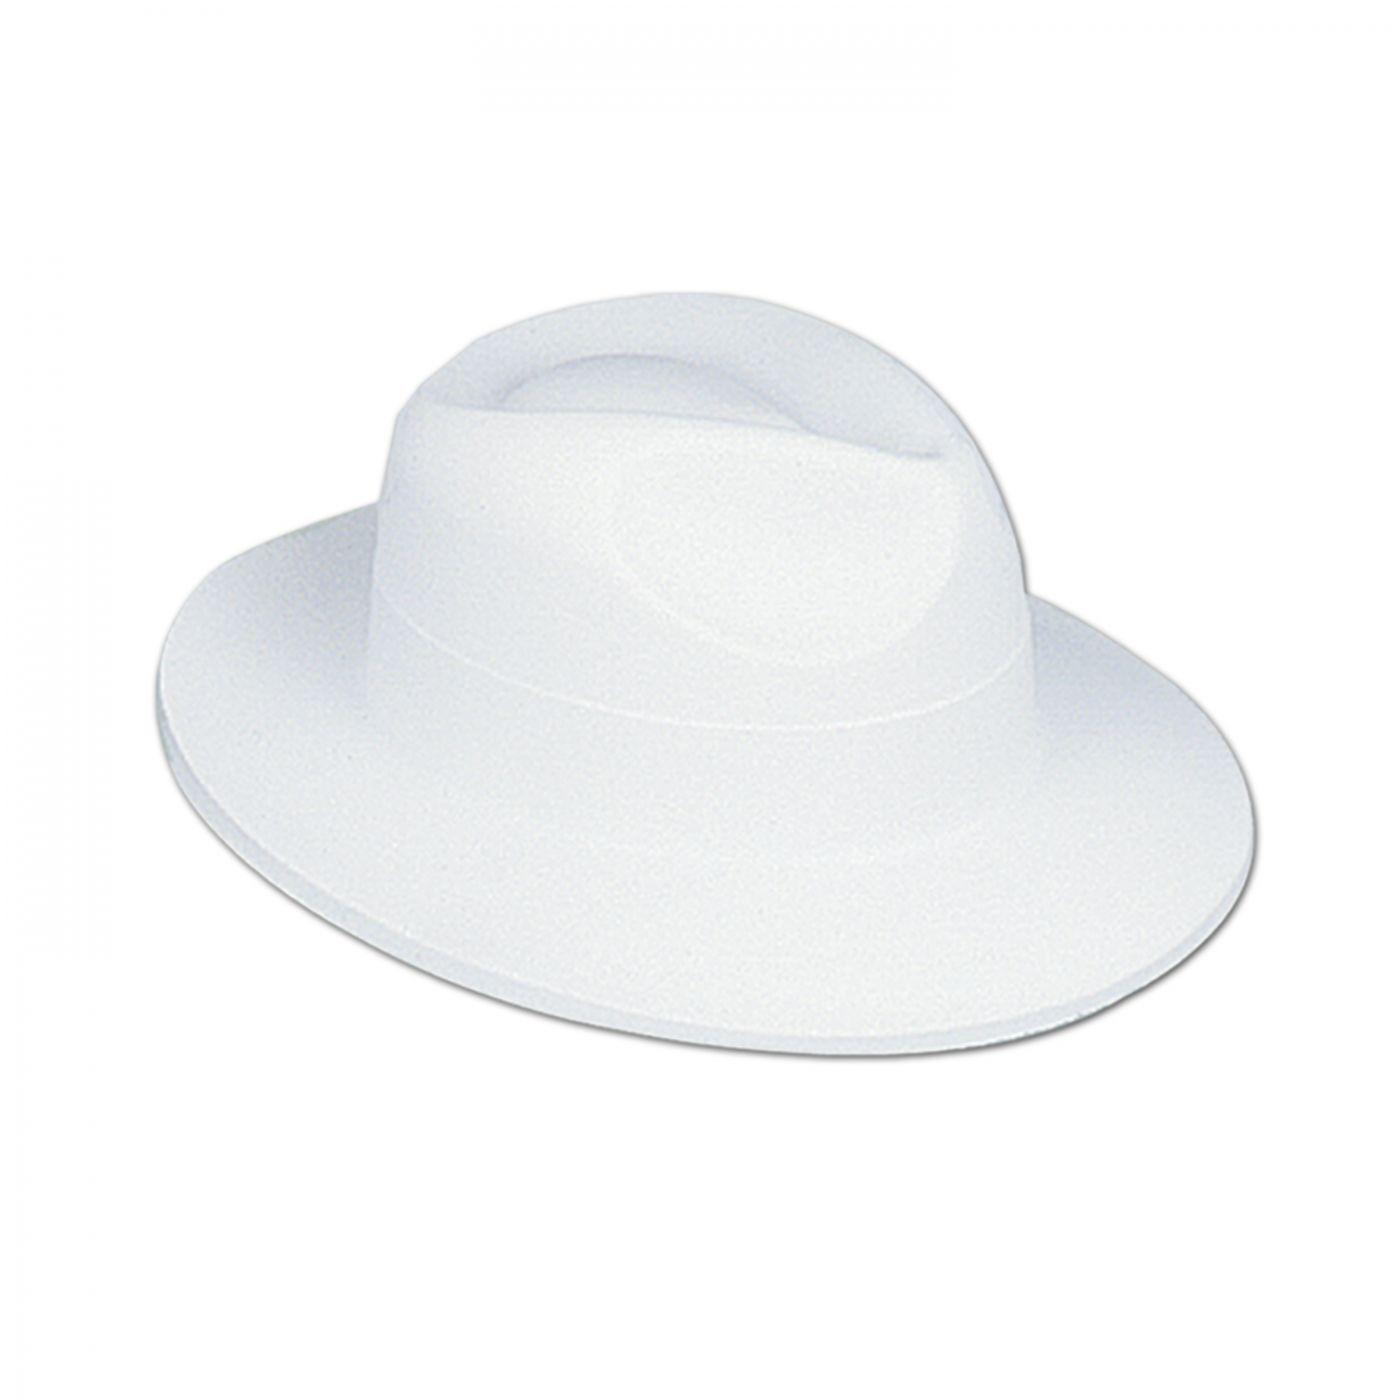 White Velour Fedora (24) image